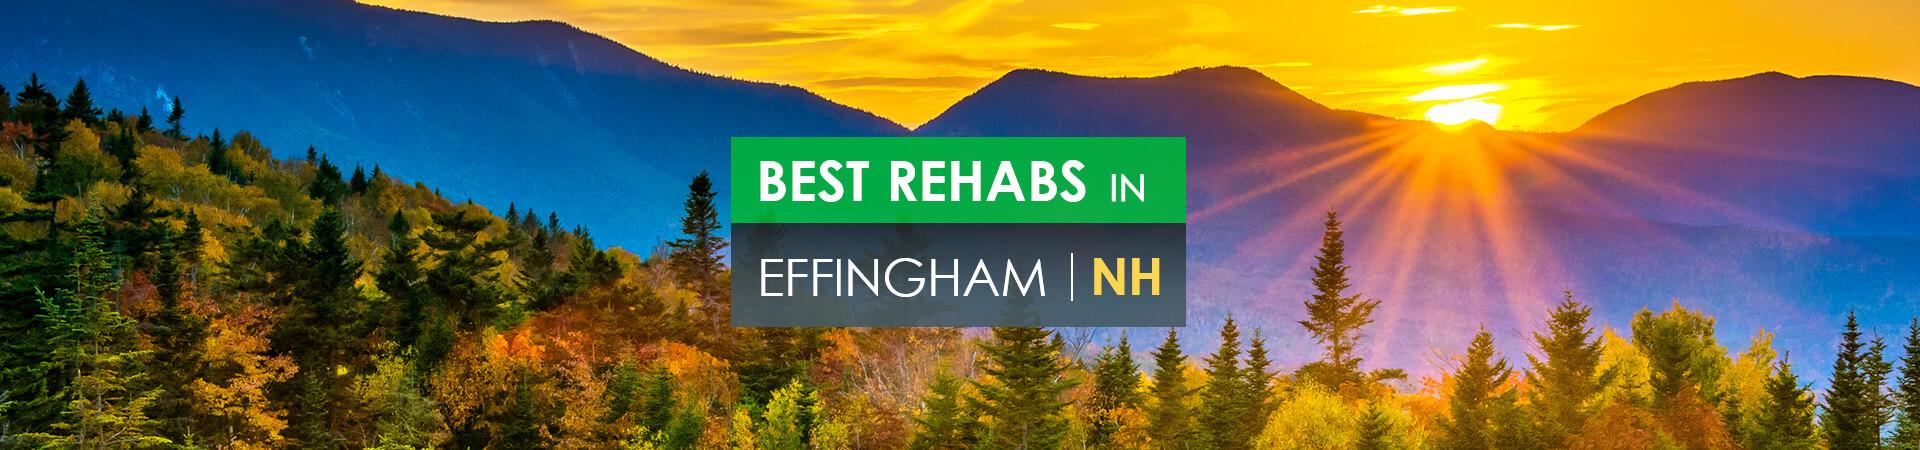 Best rehabs in Effingham, NH